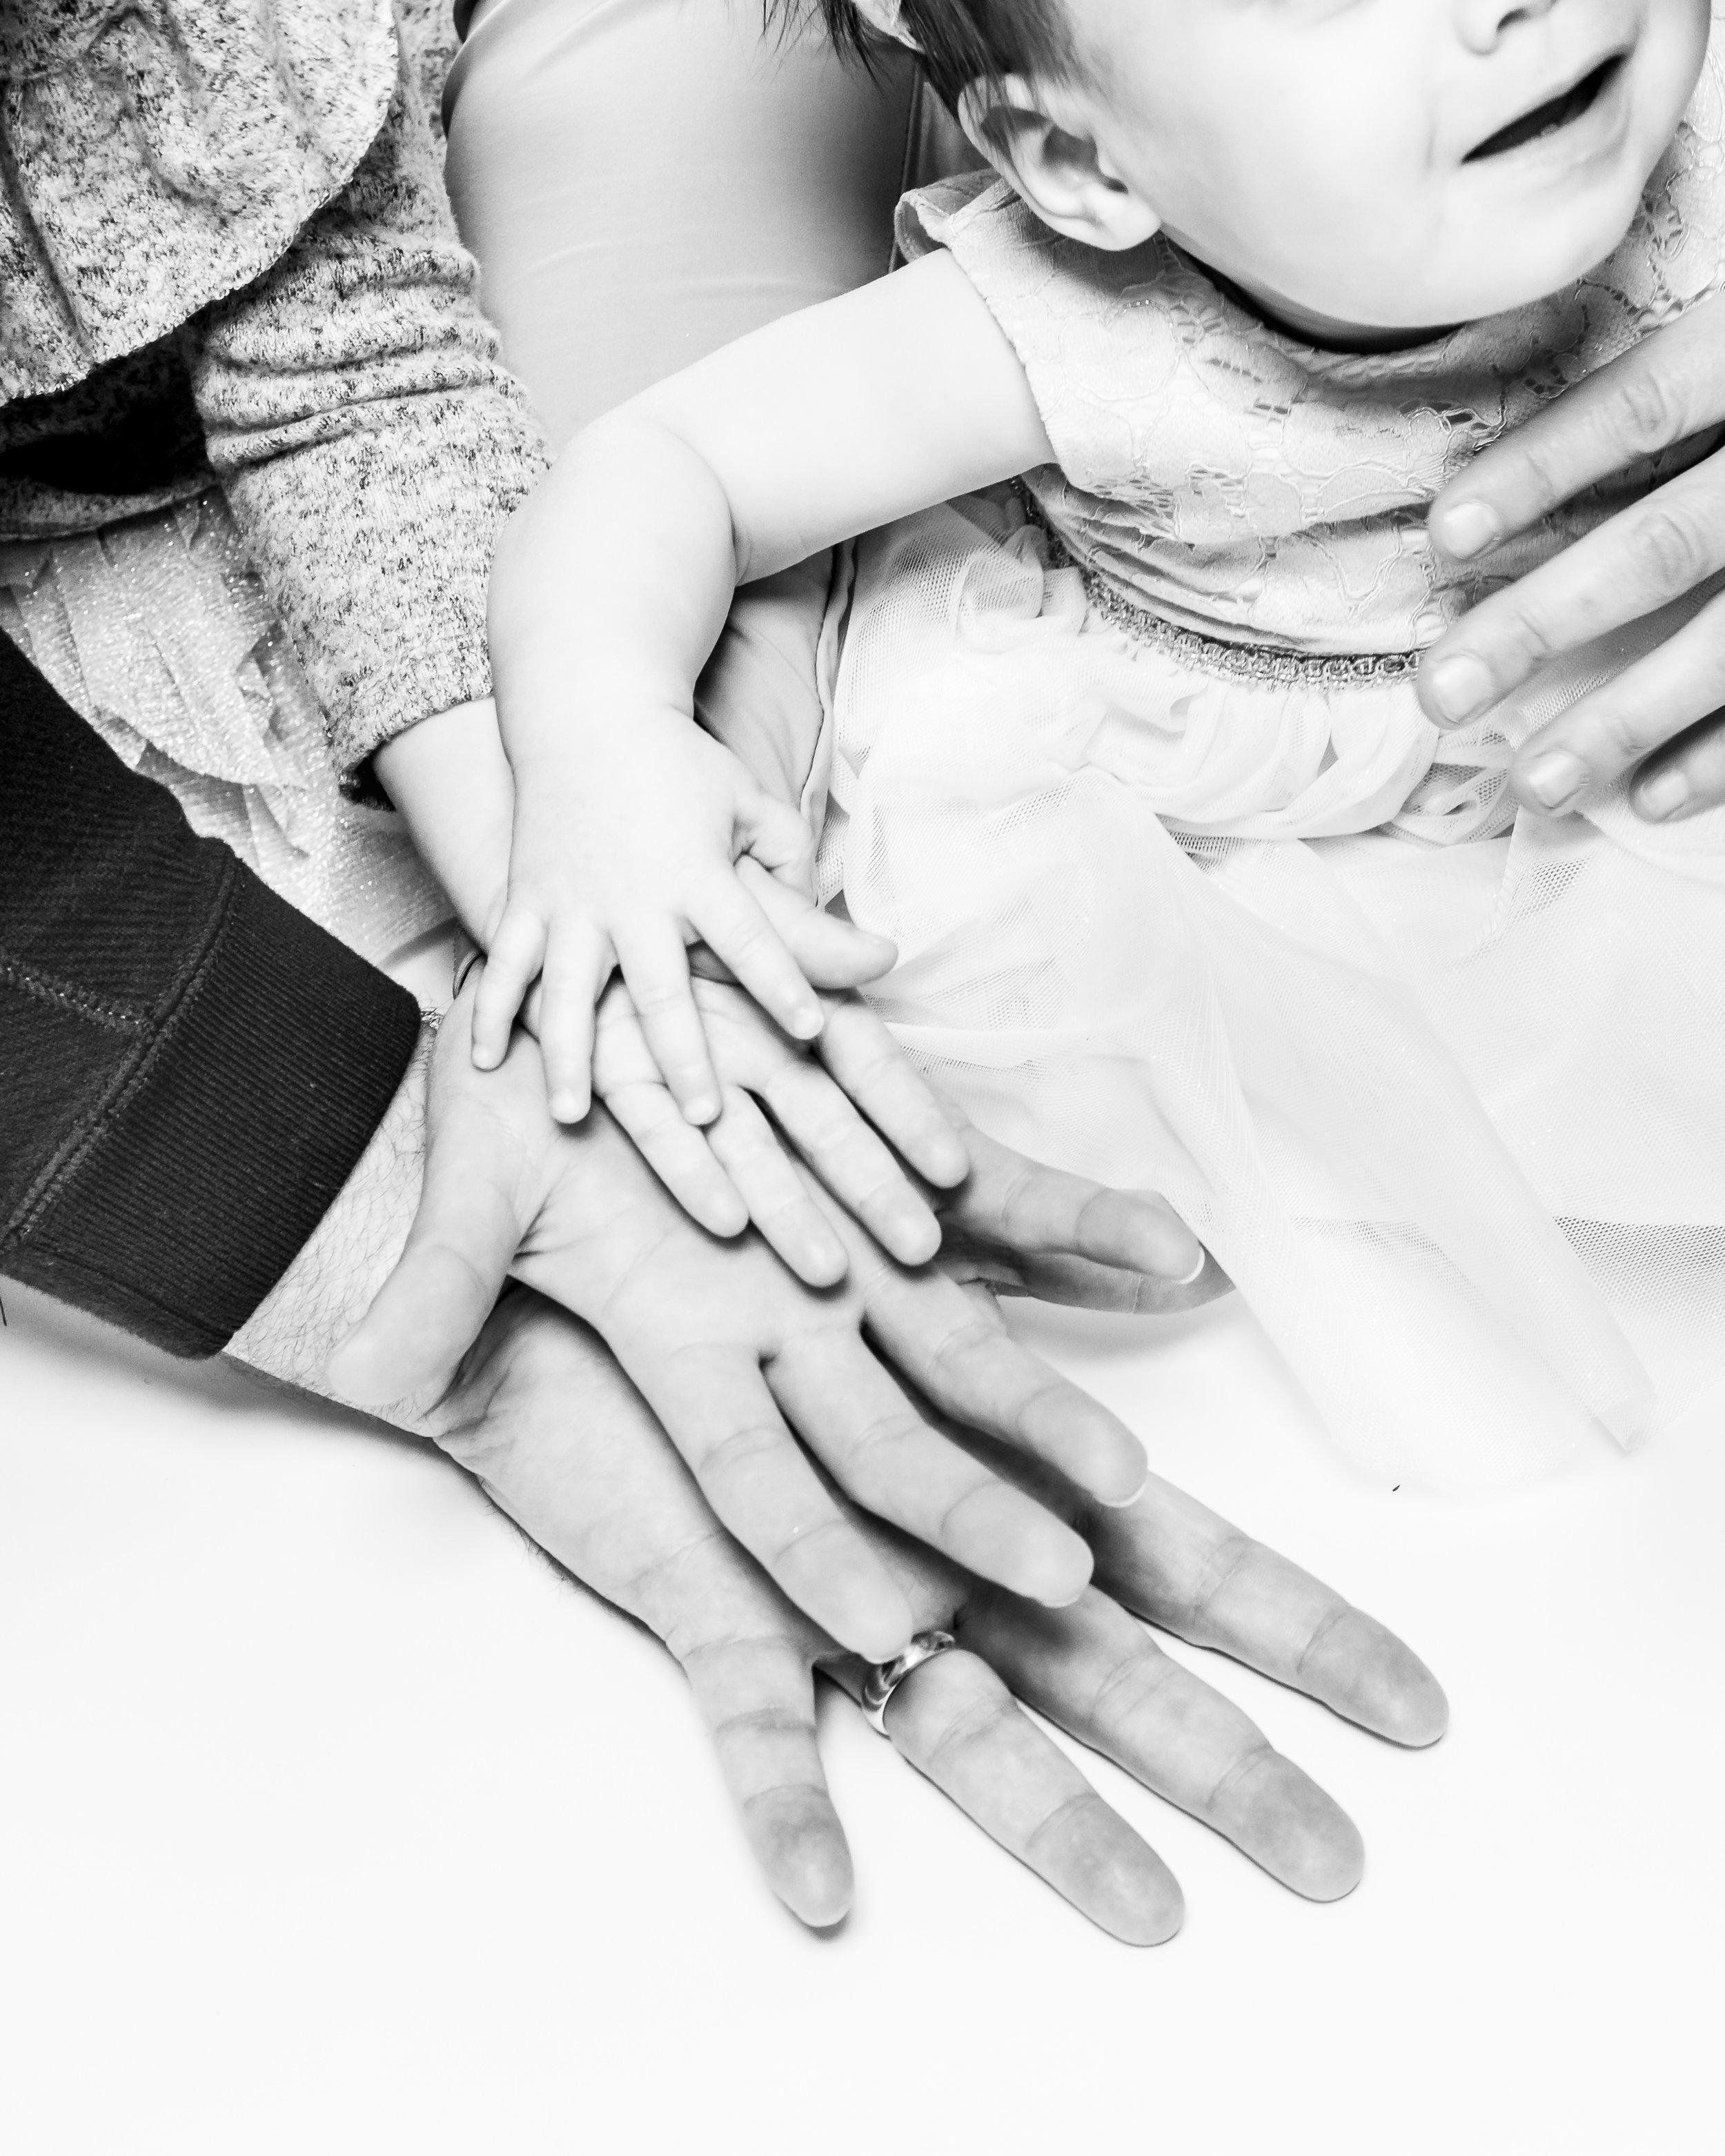 2018_February_04-Veronica_Sullivan_One_Year_Baby_Pics-44662.jpg